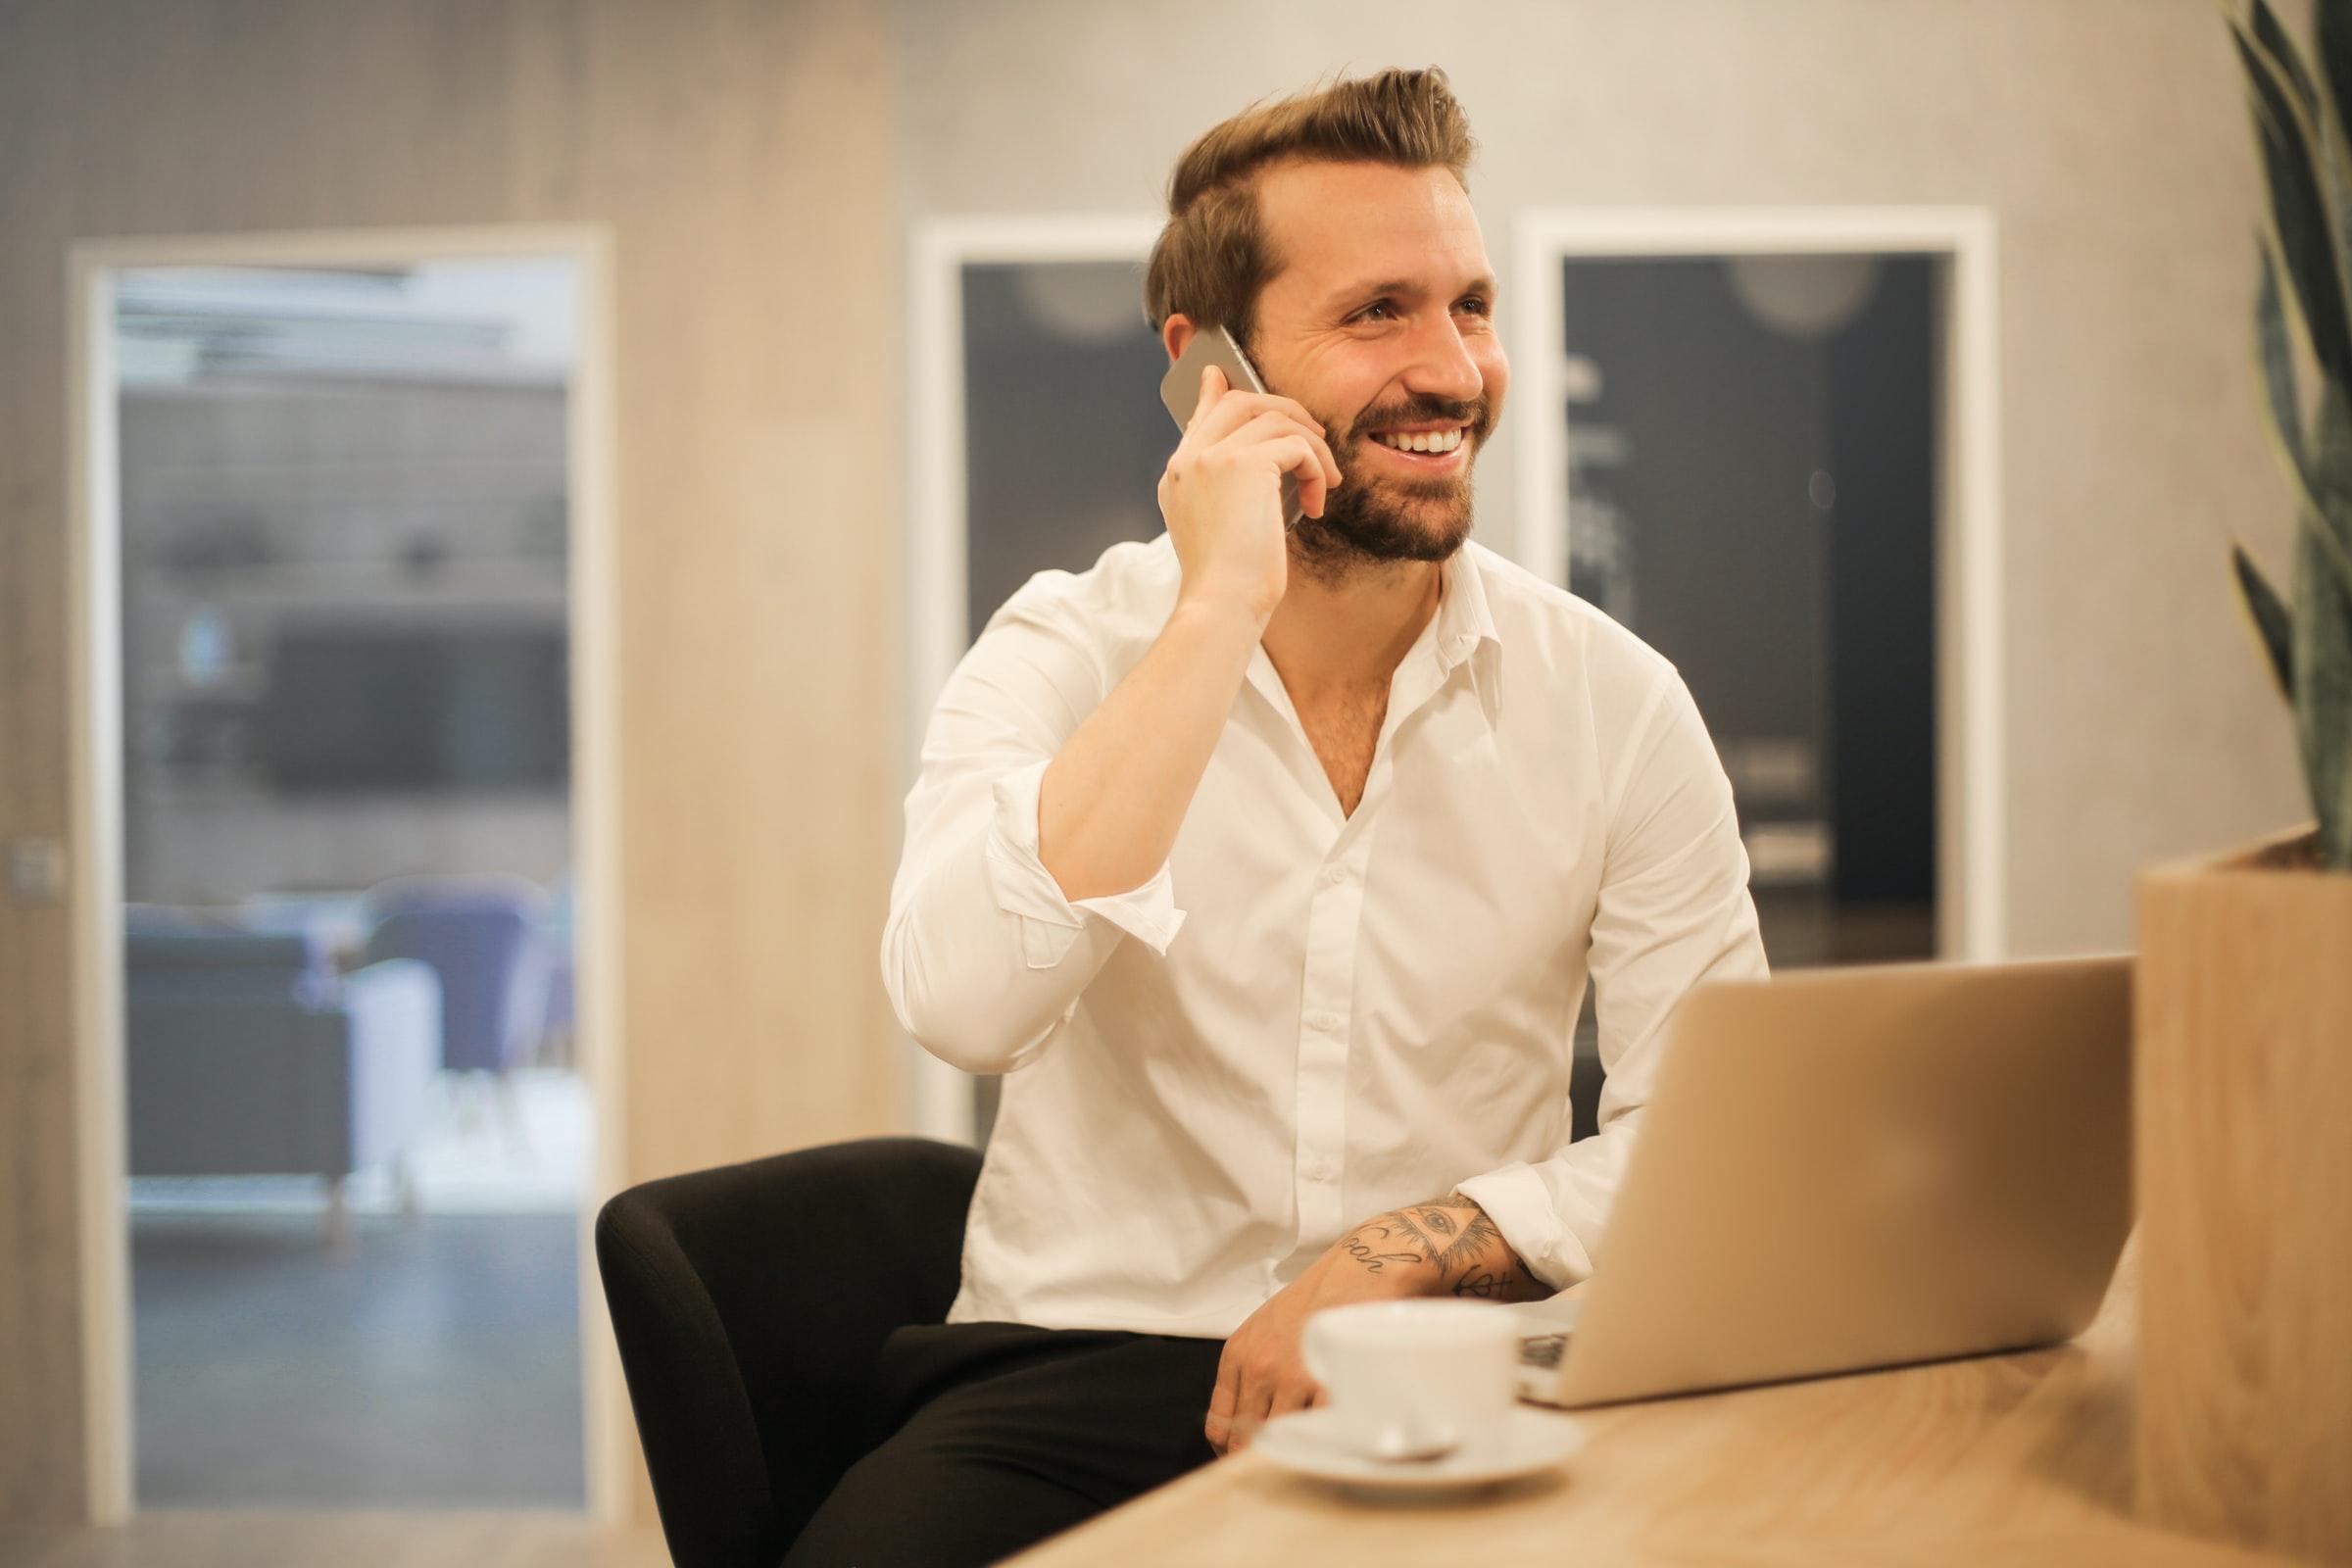 leende man pratar i telefon vid dator